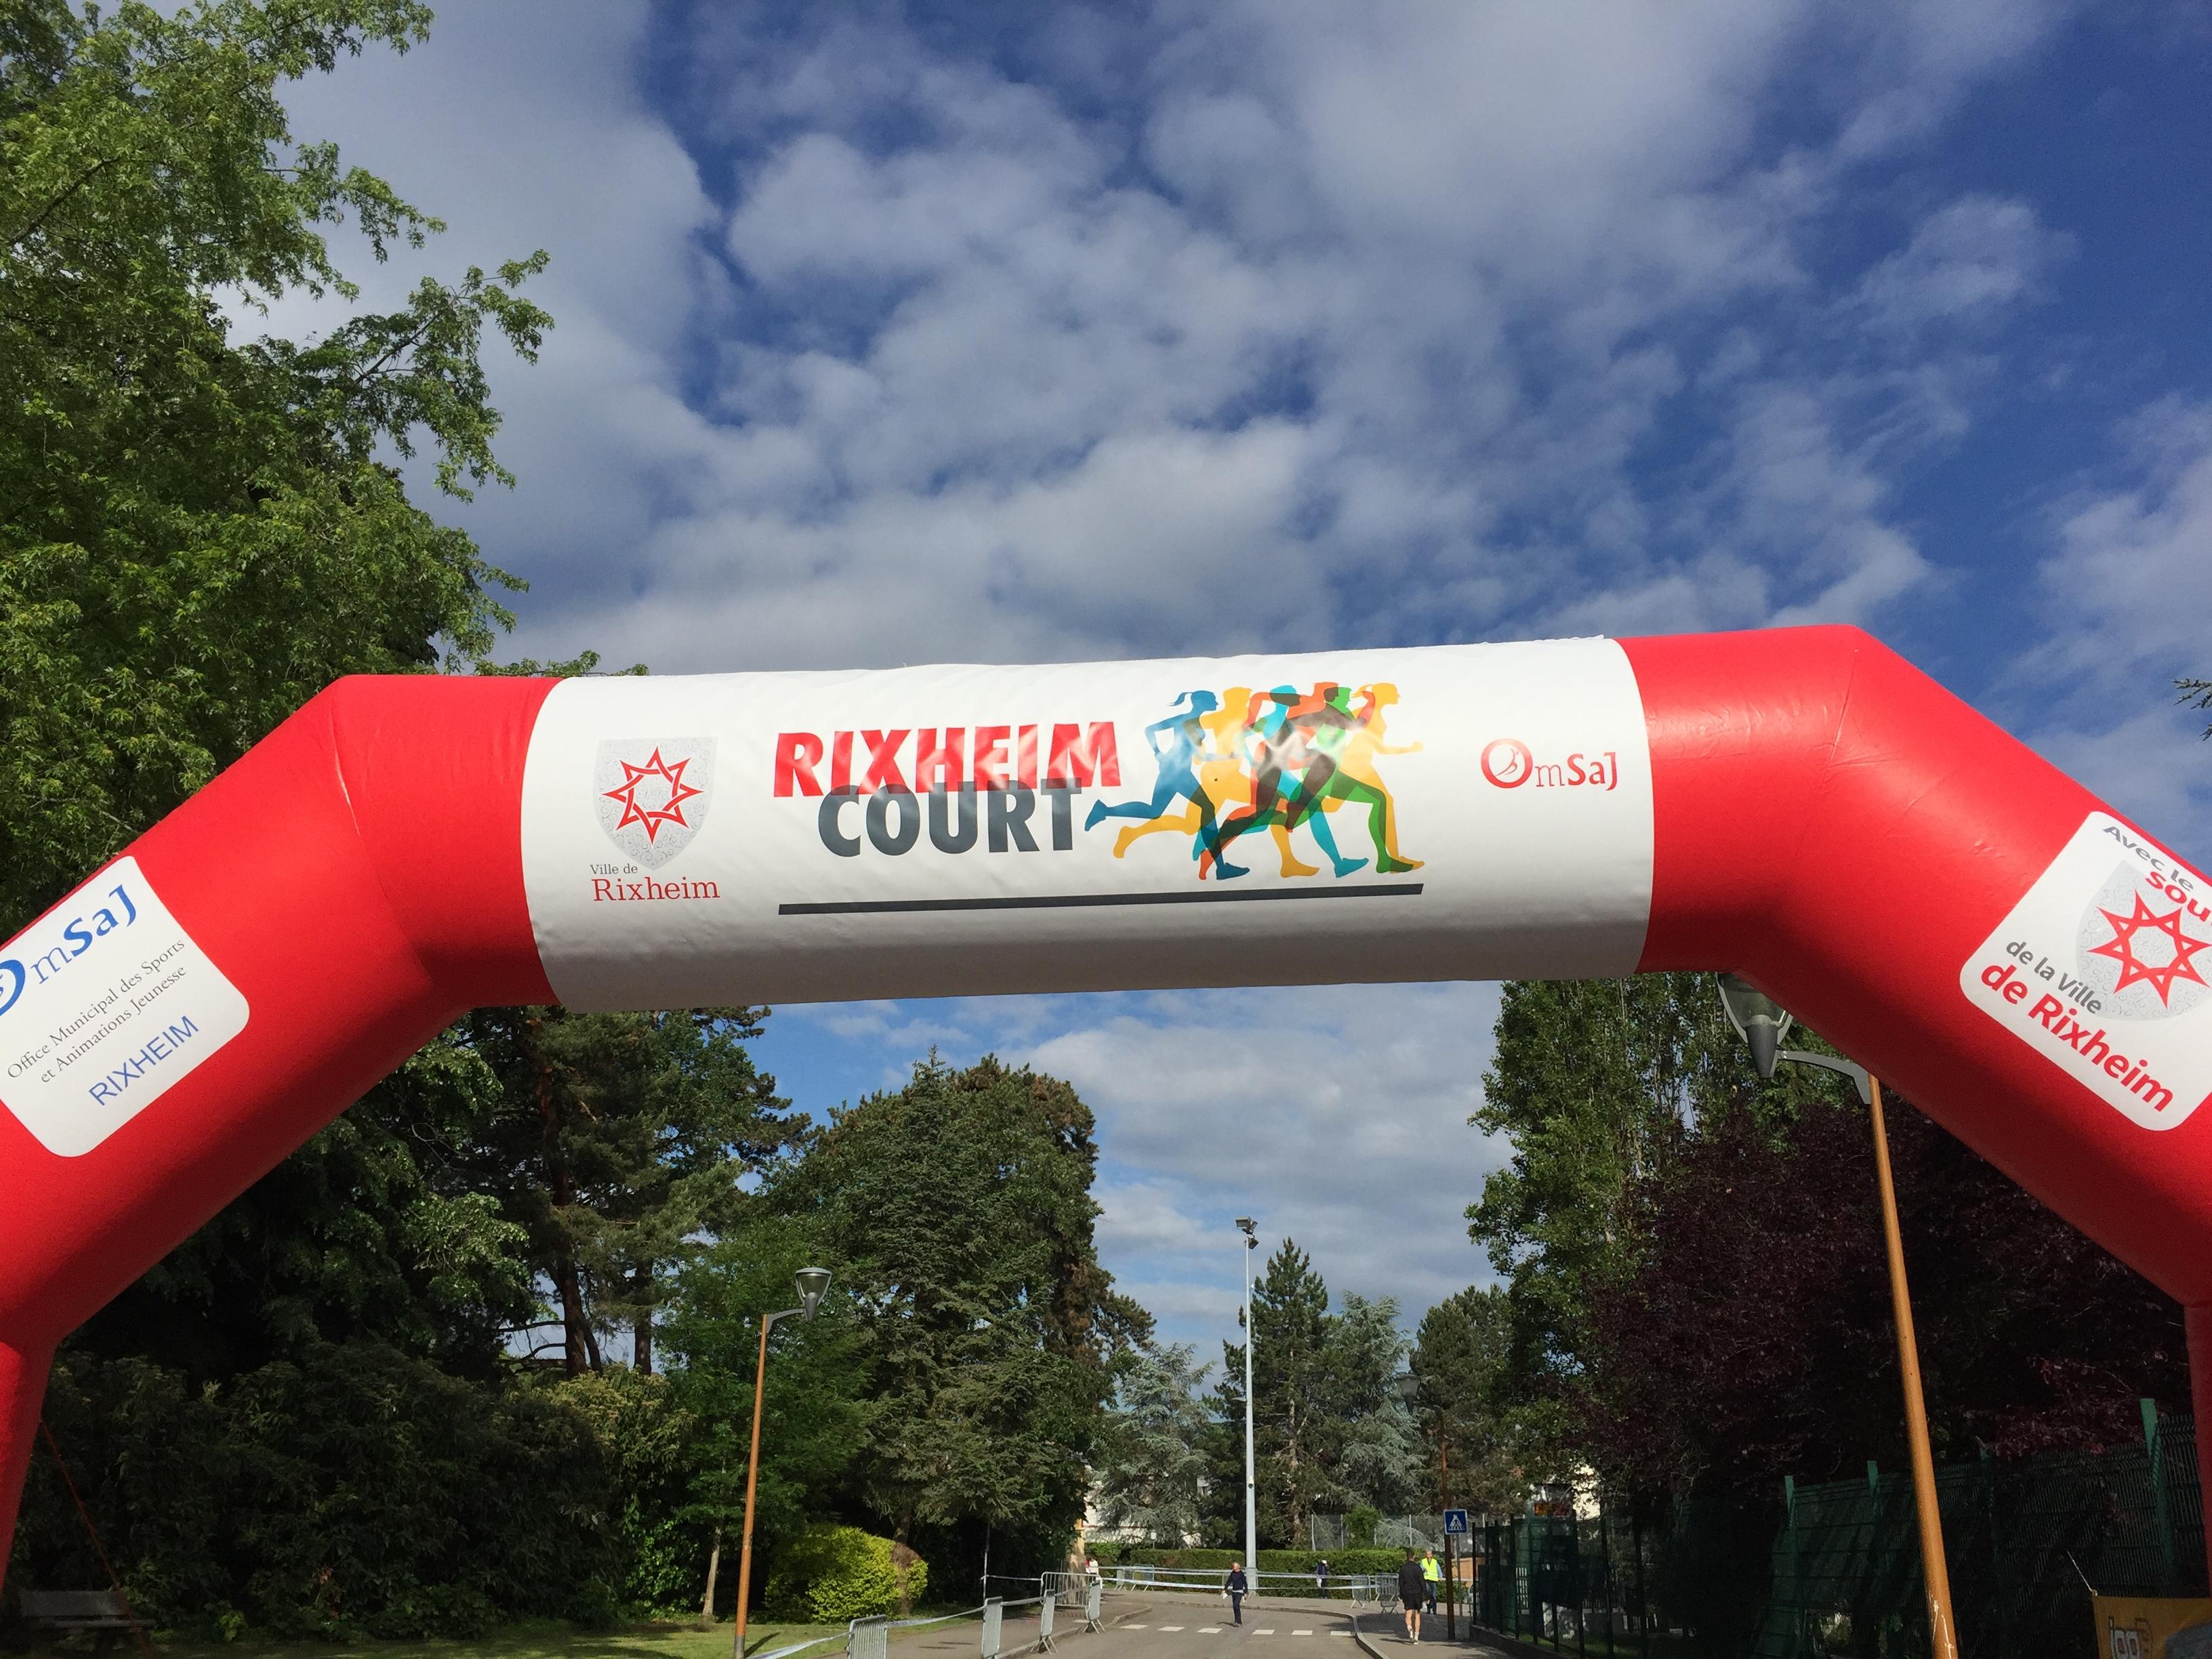 201805_CPS_Rixheim Court_001